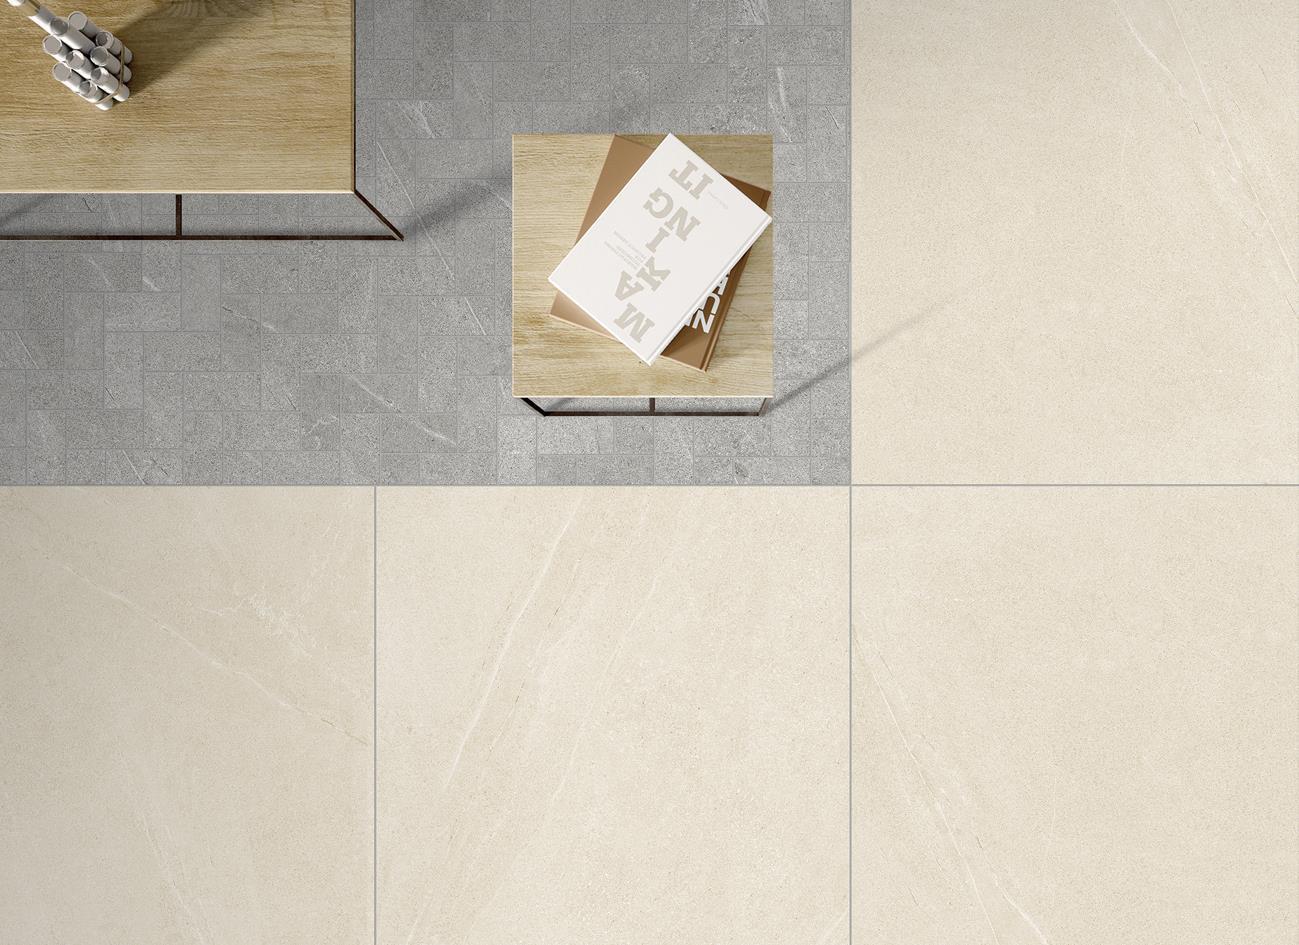 銘盛陶瓷2cm瓷磚幕墻有哪些特點?具體施工工藝怎么樣?